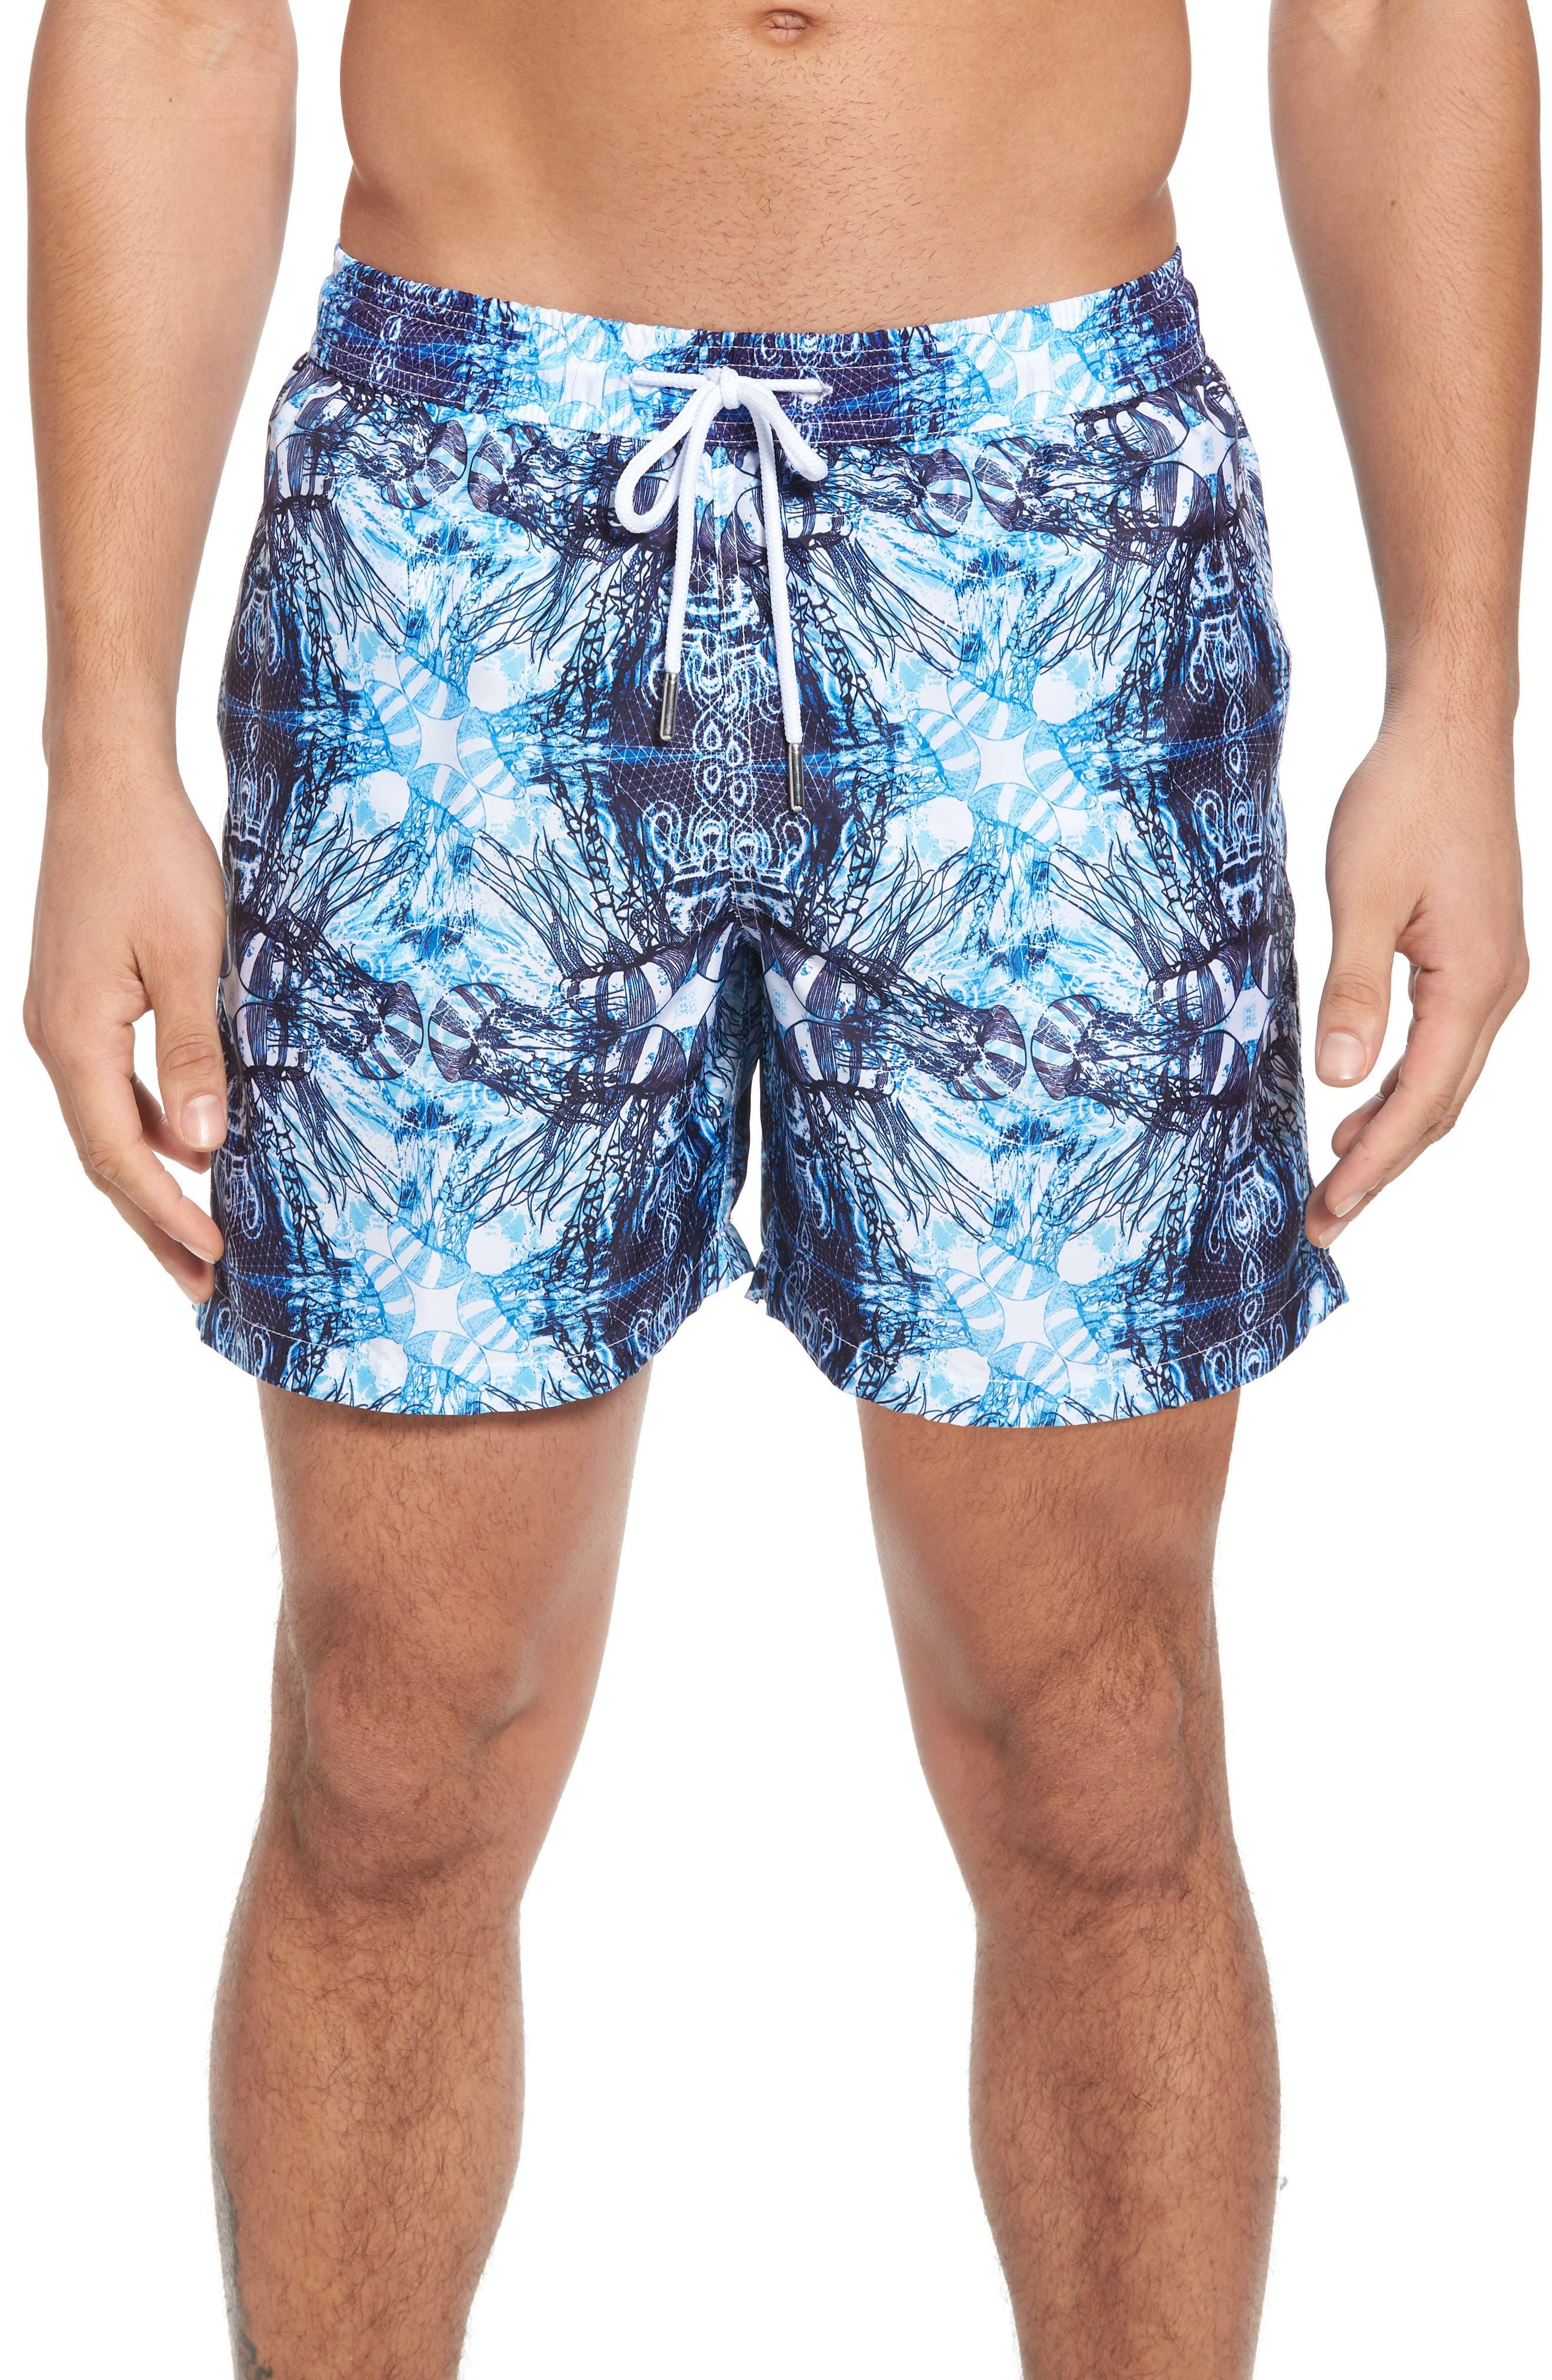 Trim Fit Swim Shorts,                             Main thumbnail 1, color,                             Light Blue Jelly Fish